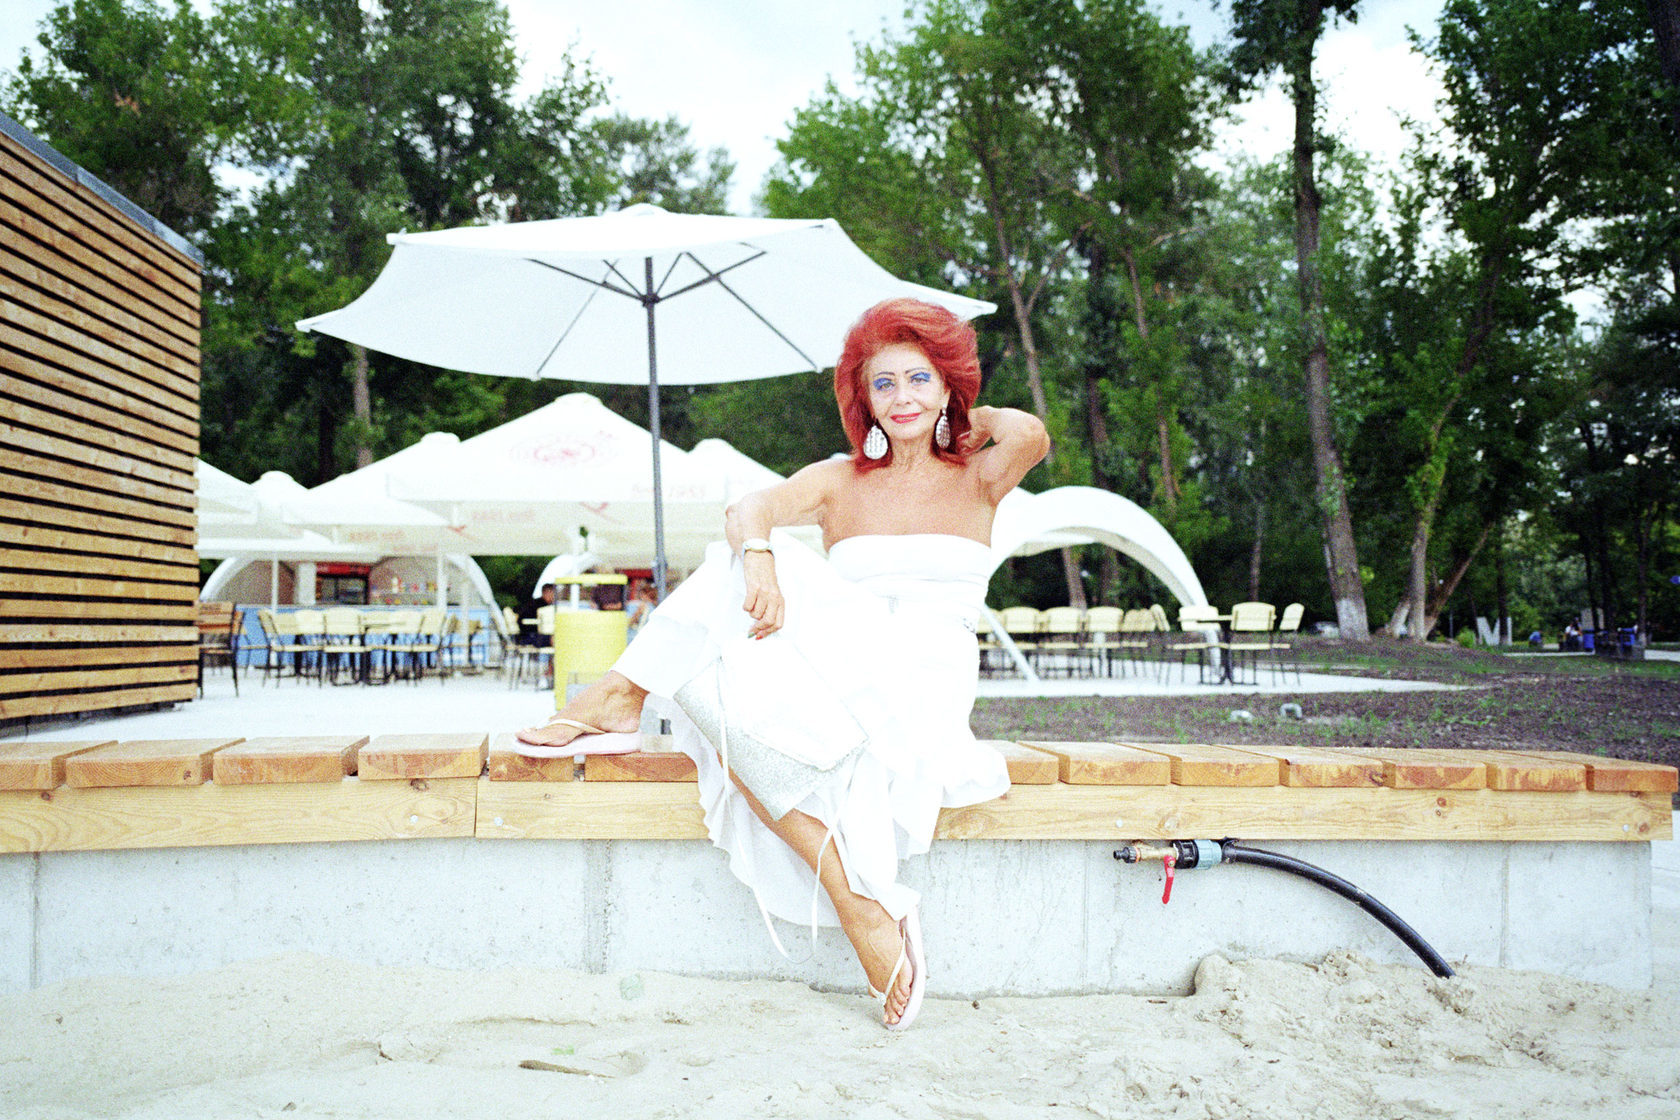 Зовут сниматься в фильмах для взрослых: 70-летняя киевская тусовщица решилась на откровенные ФОТО